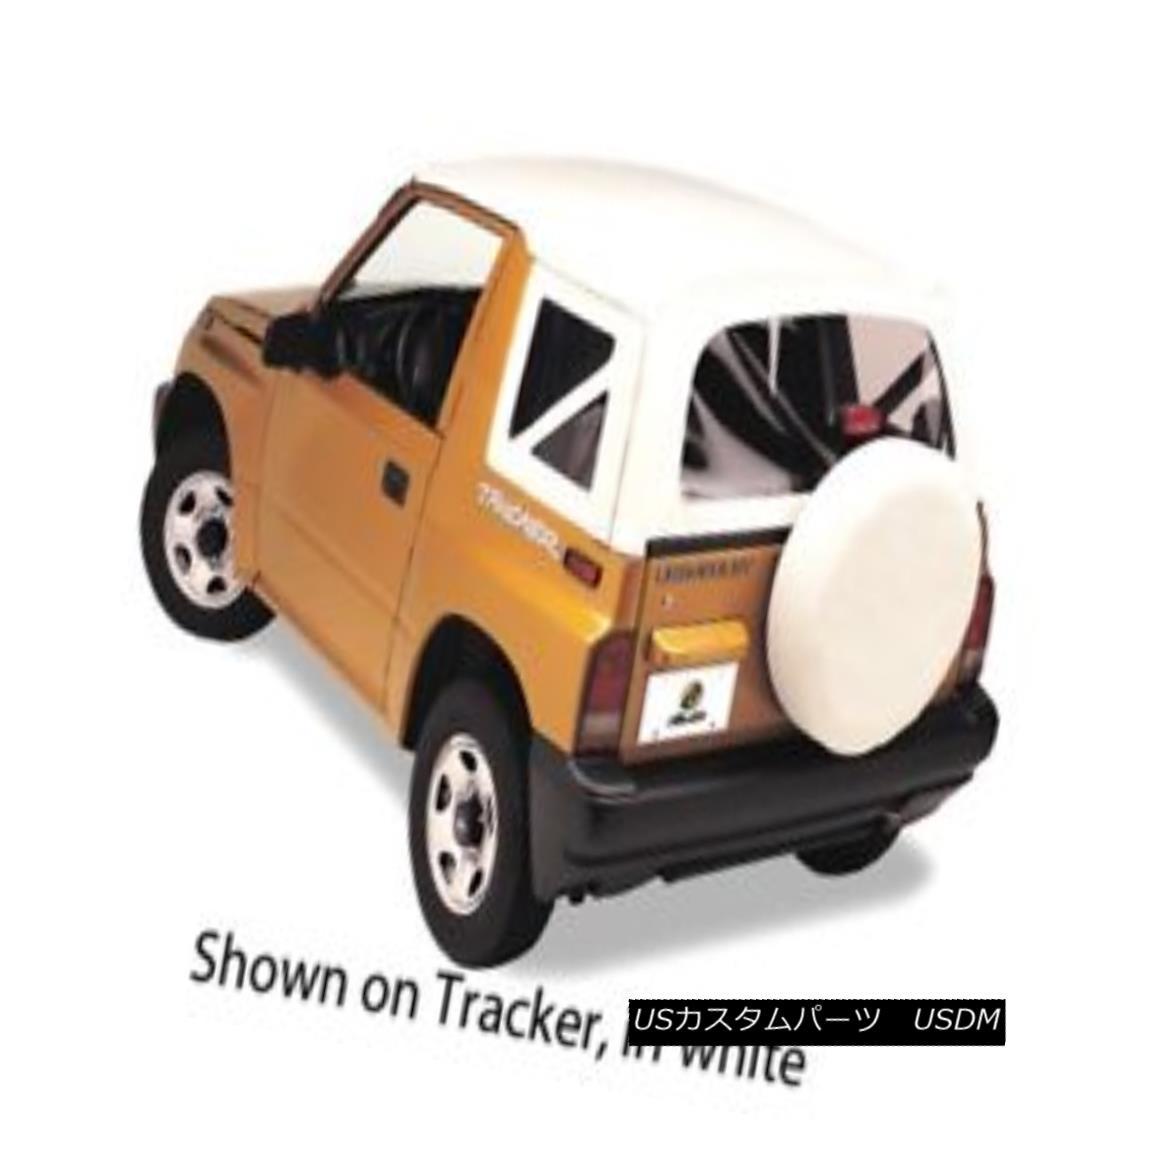 幌・ソフトトップ Bestop 51362-15 Tracker/Sidekick Replace-a-Top Soft Top Black Denim ベスト51362-15トラッカー/サイドキー ck交換トップソフトトップブラックデニム